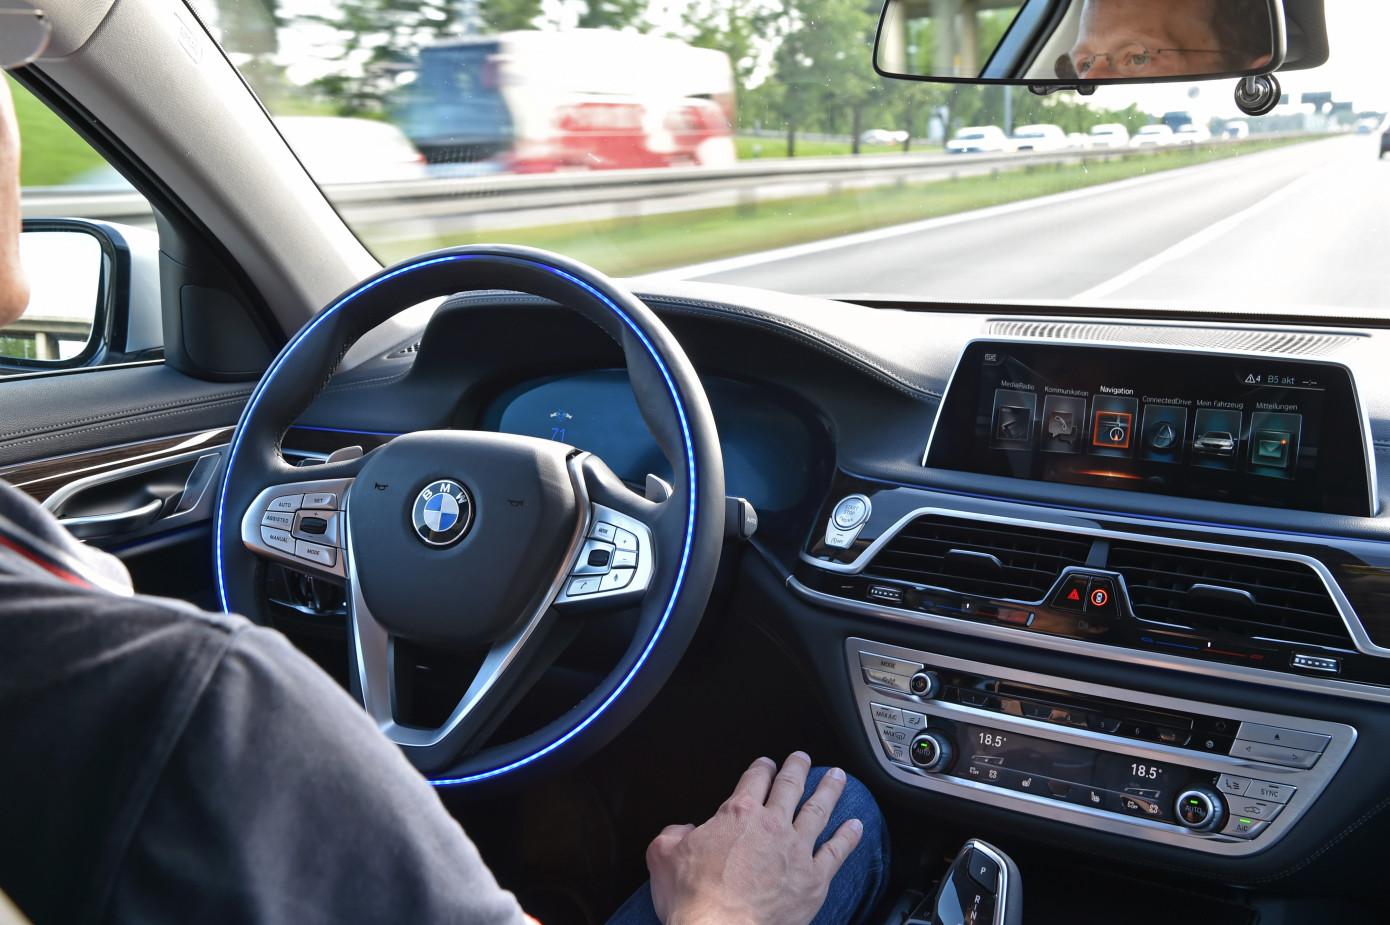 宝马、通用、福特、雷诺联合进军区块链,探索区块链用于自动驾驶